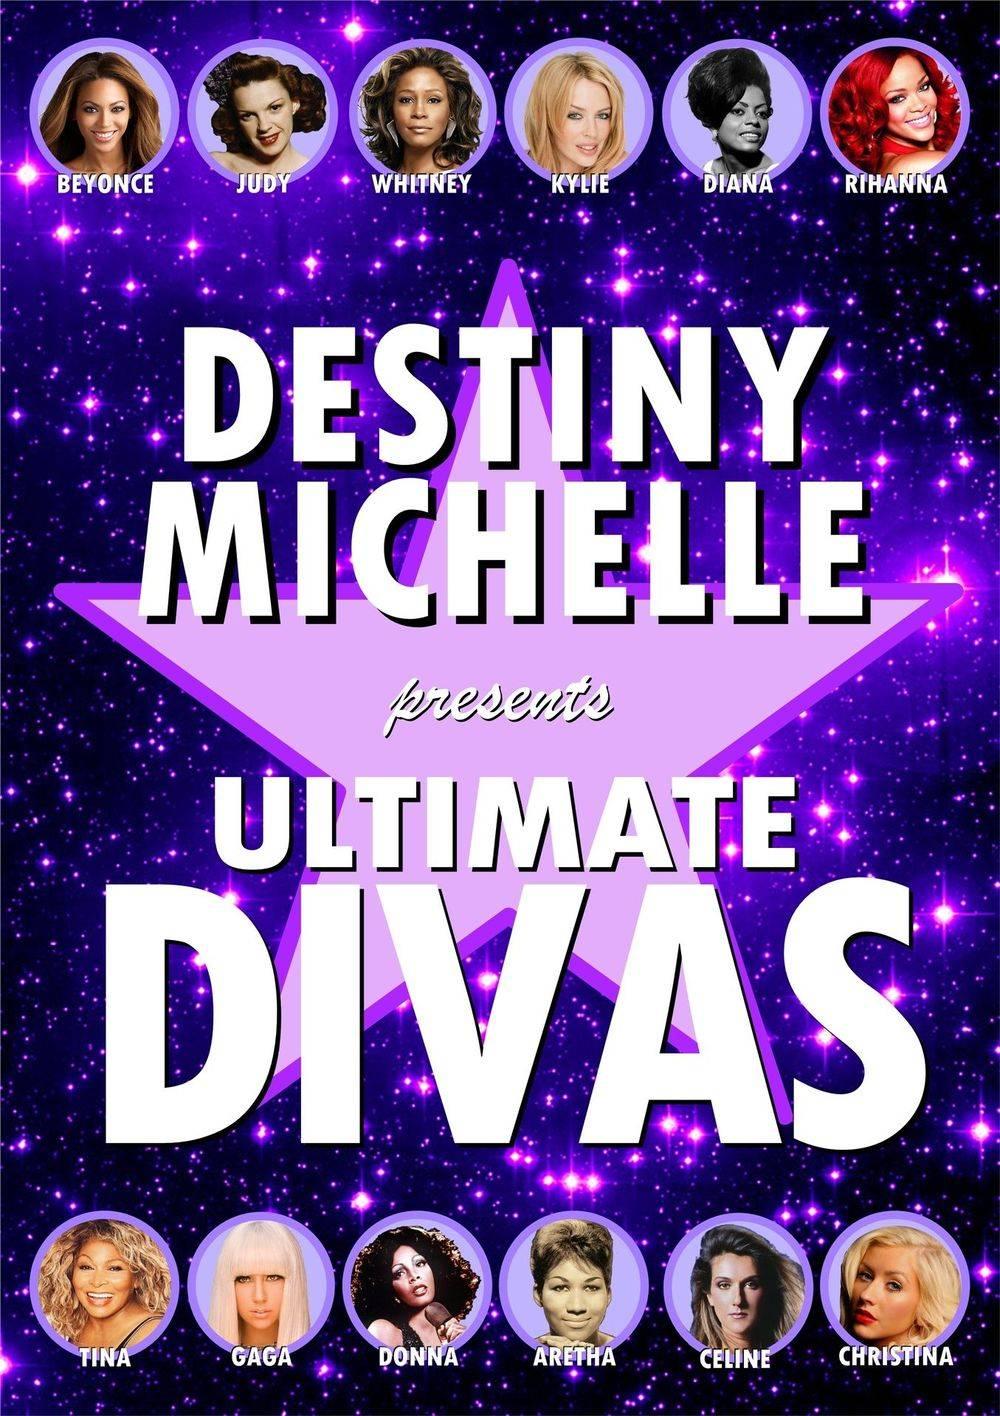 Destiny Michelle - ULTIMATE DIVAS Tribute